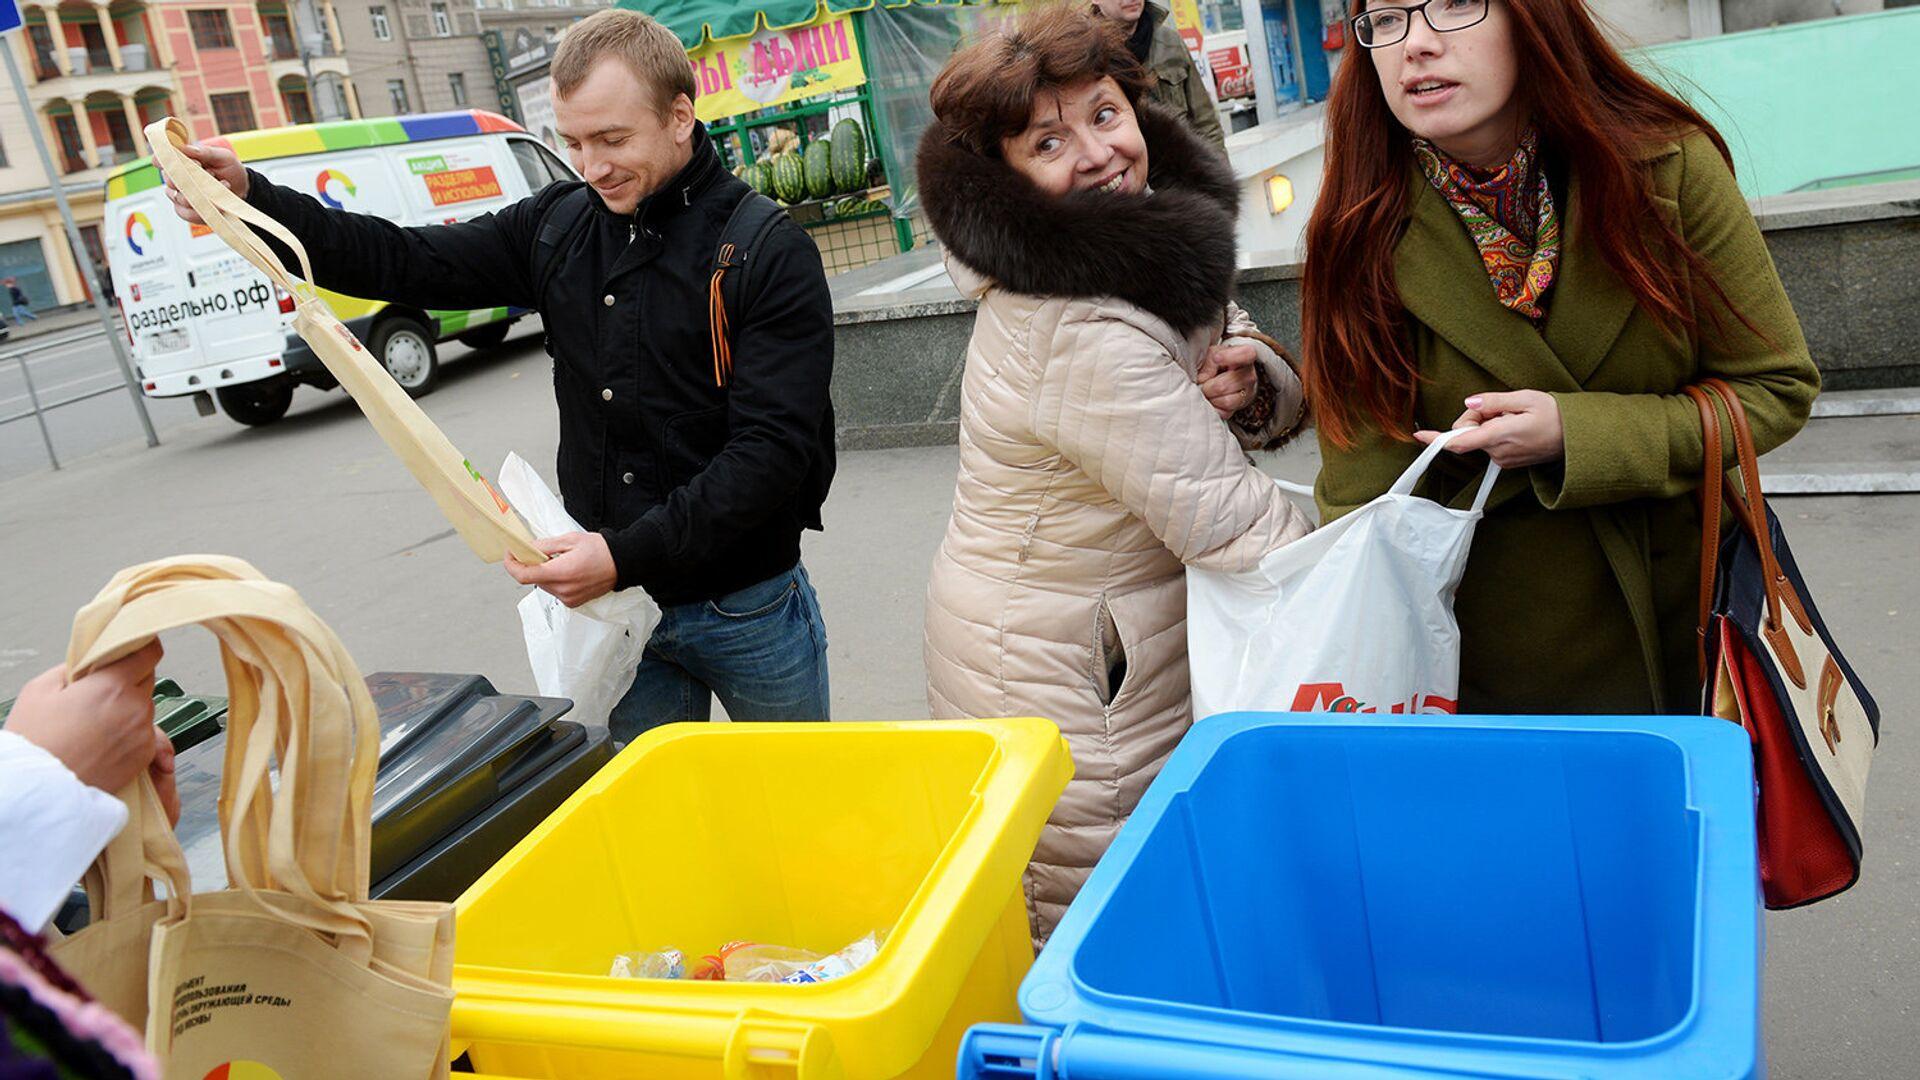 Горожане выбрасывают мусор в контейнеры раздельного сбора отходов - РИА Новости, 1920, 28.04.2020